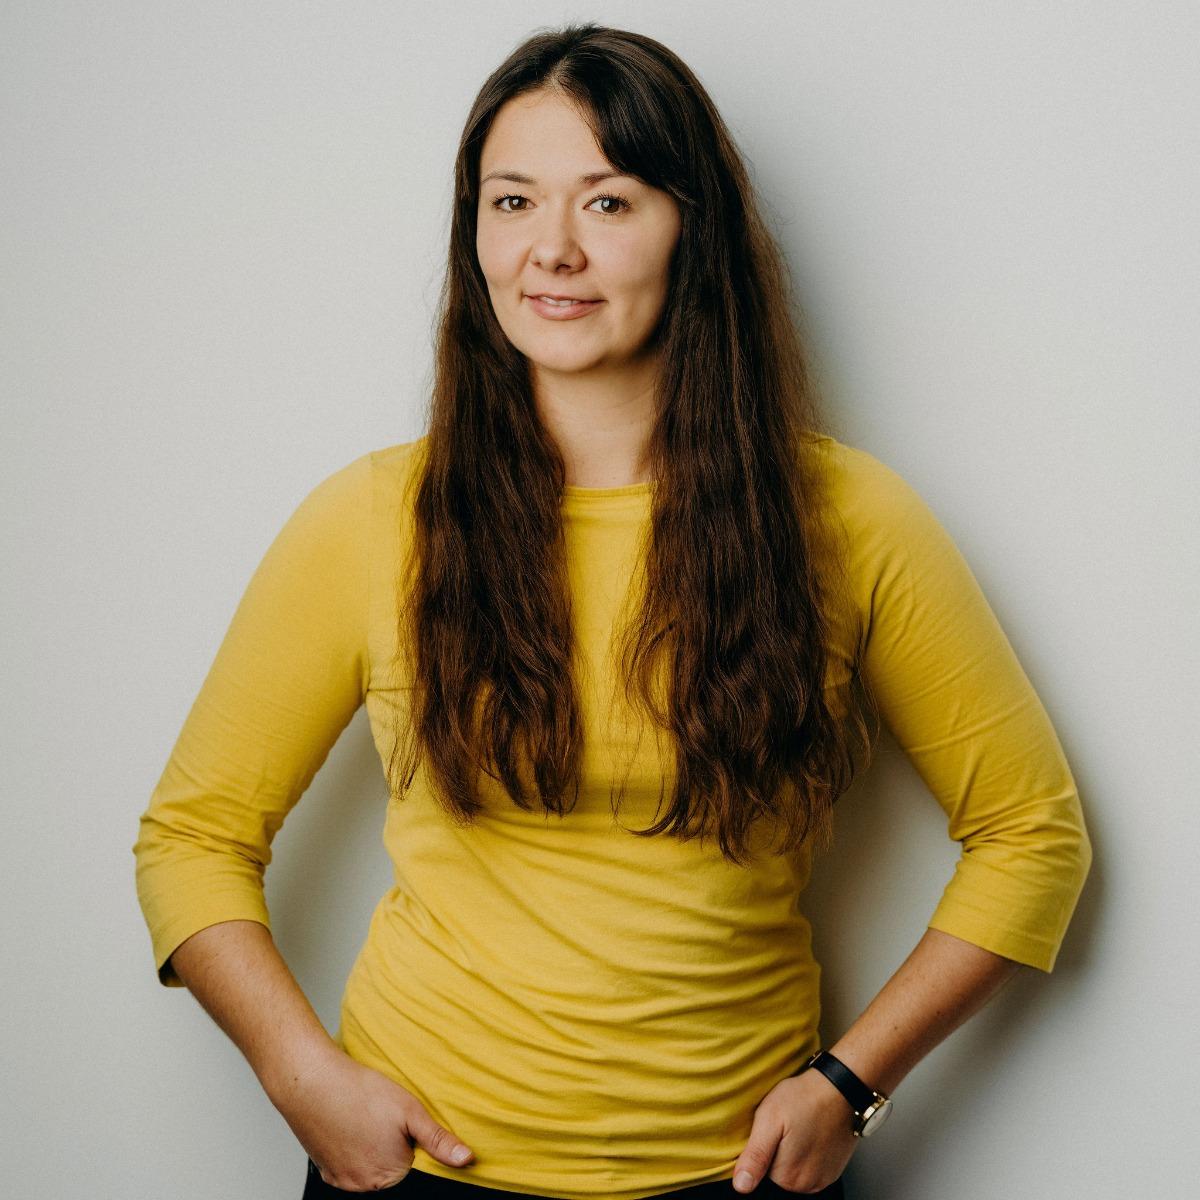 Michelle Gurtner